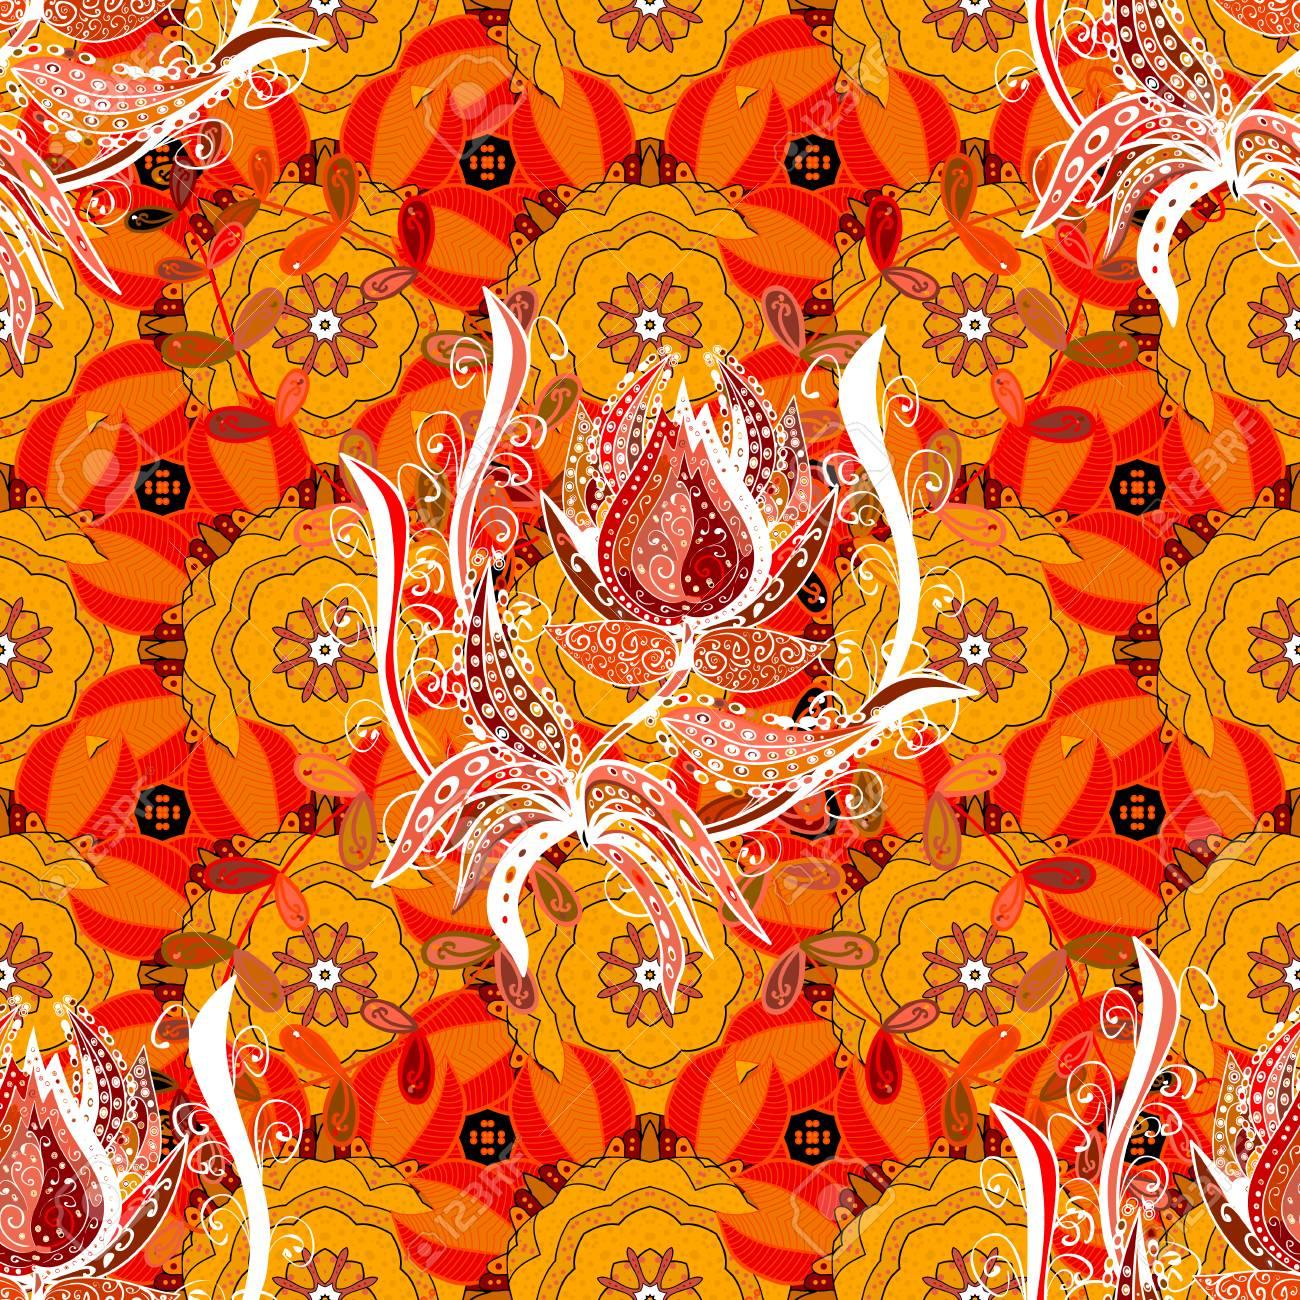 Modèle Sans Couture Créatif Dessiné à La Main Composé De Fleurs Stylisées Aux Couleurs De Corail Et De Pêche Illustration Vectorielle